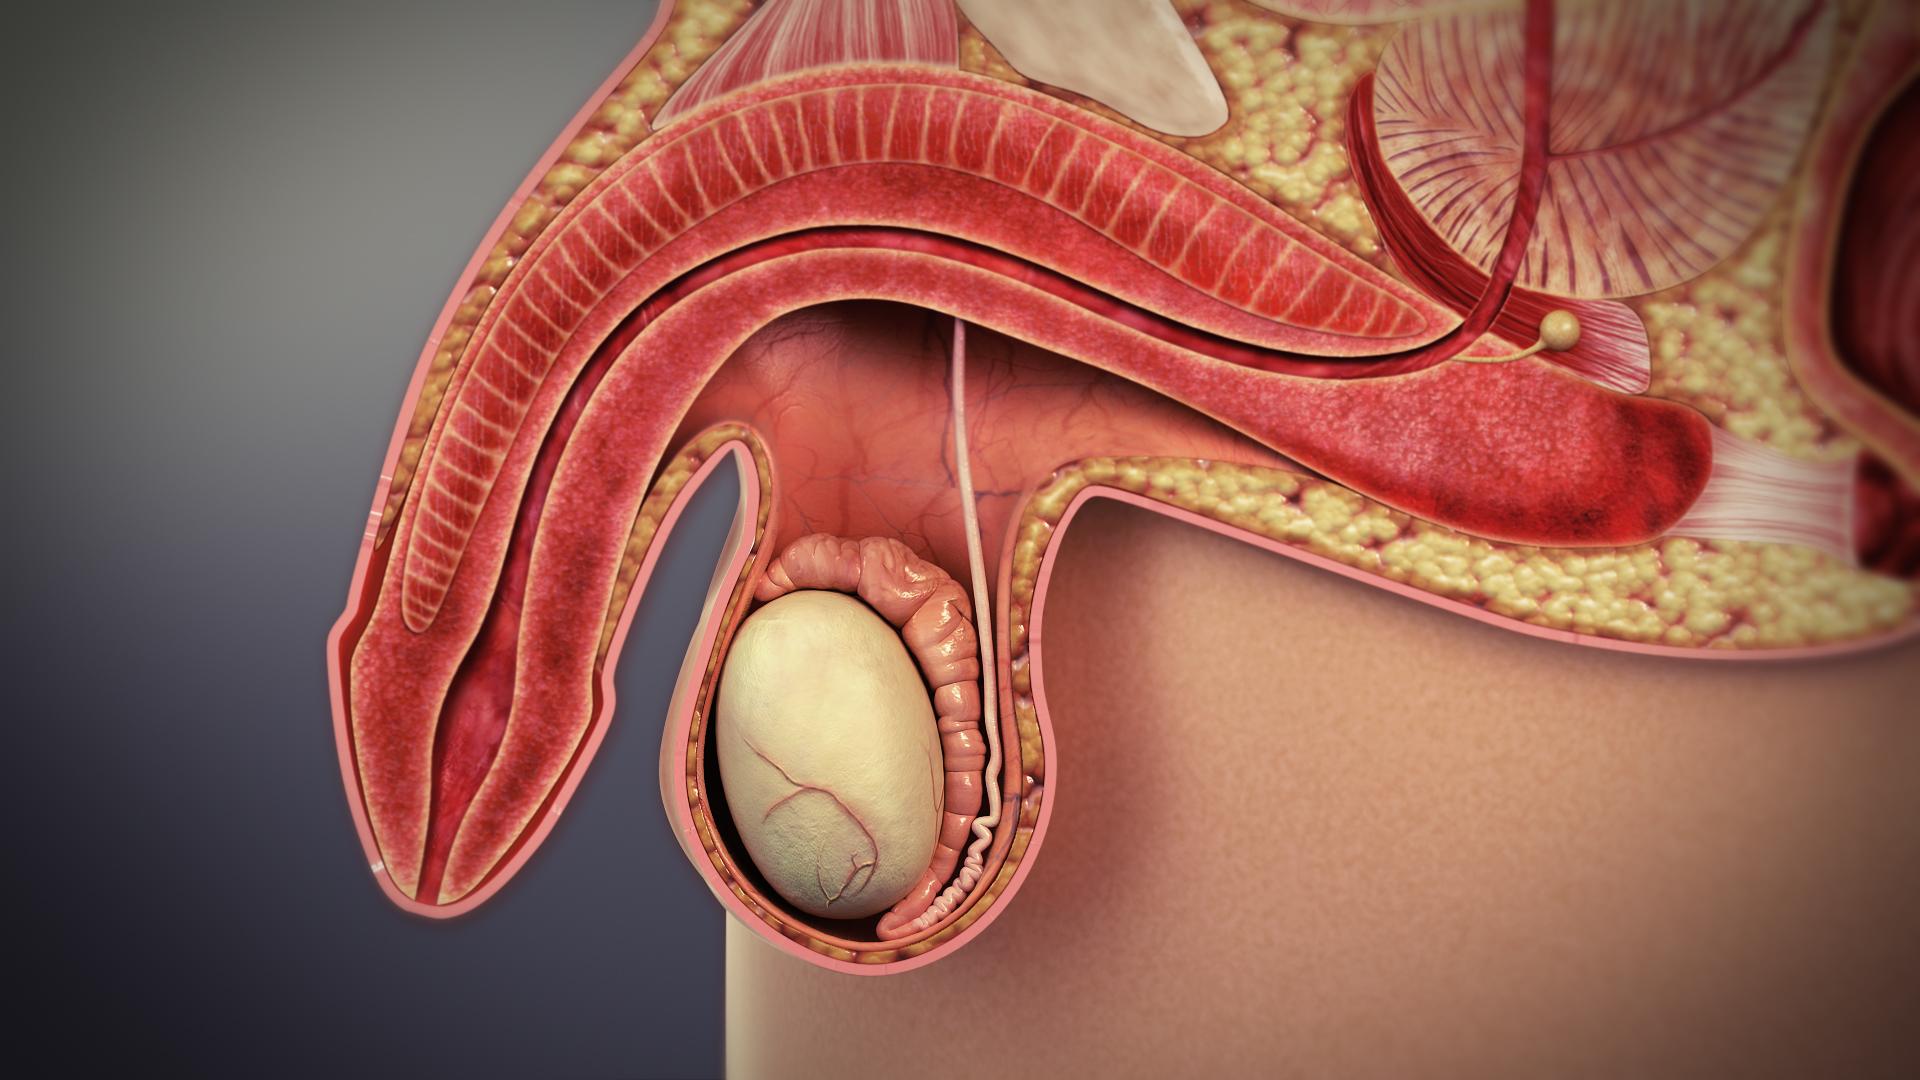 Fitymaszűkület (phimosis) - Tünetek, okok, kezelés